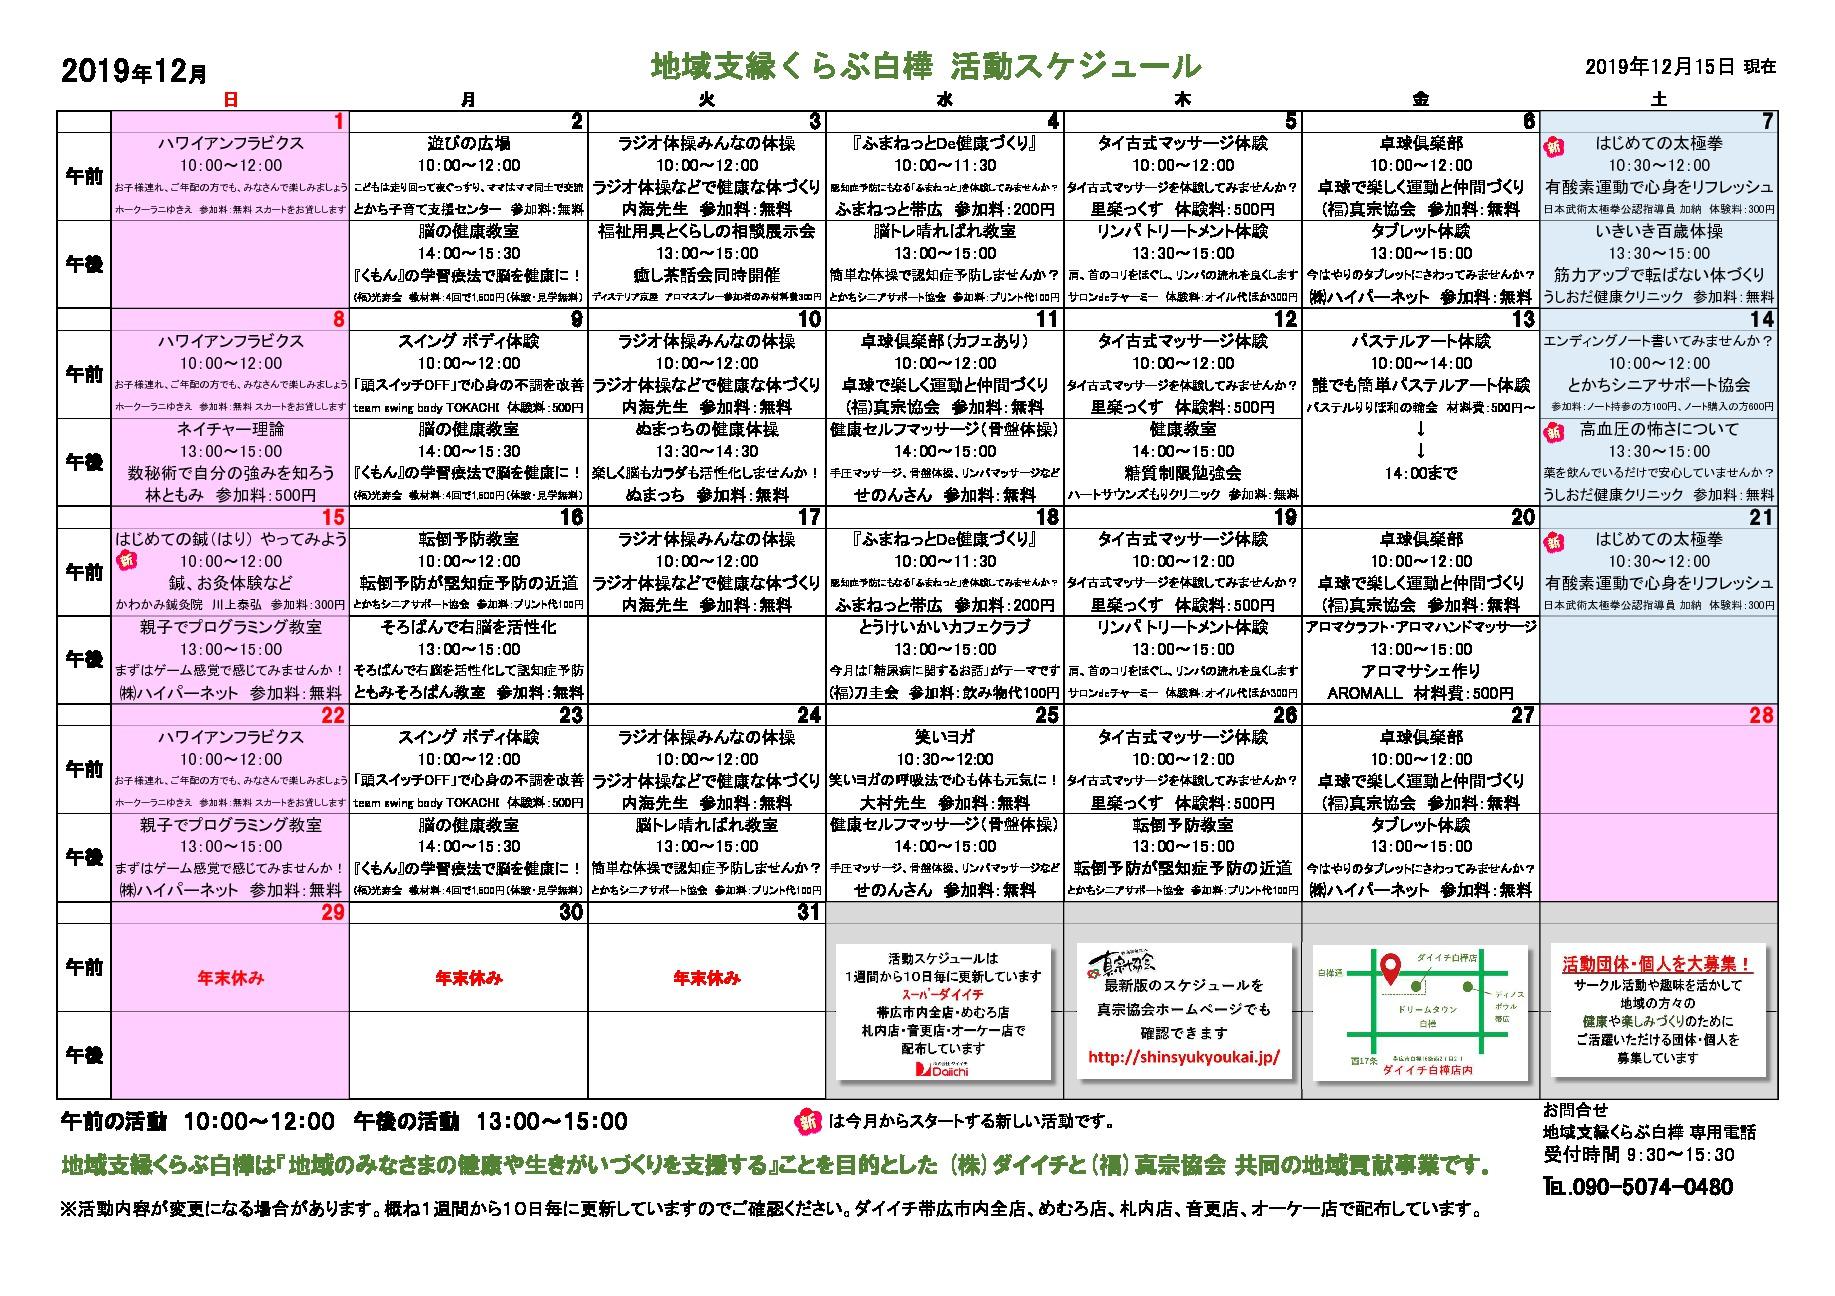 2019活動スケジュール12(2019.12.15付)のサムネイル